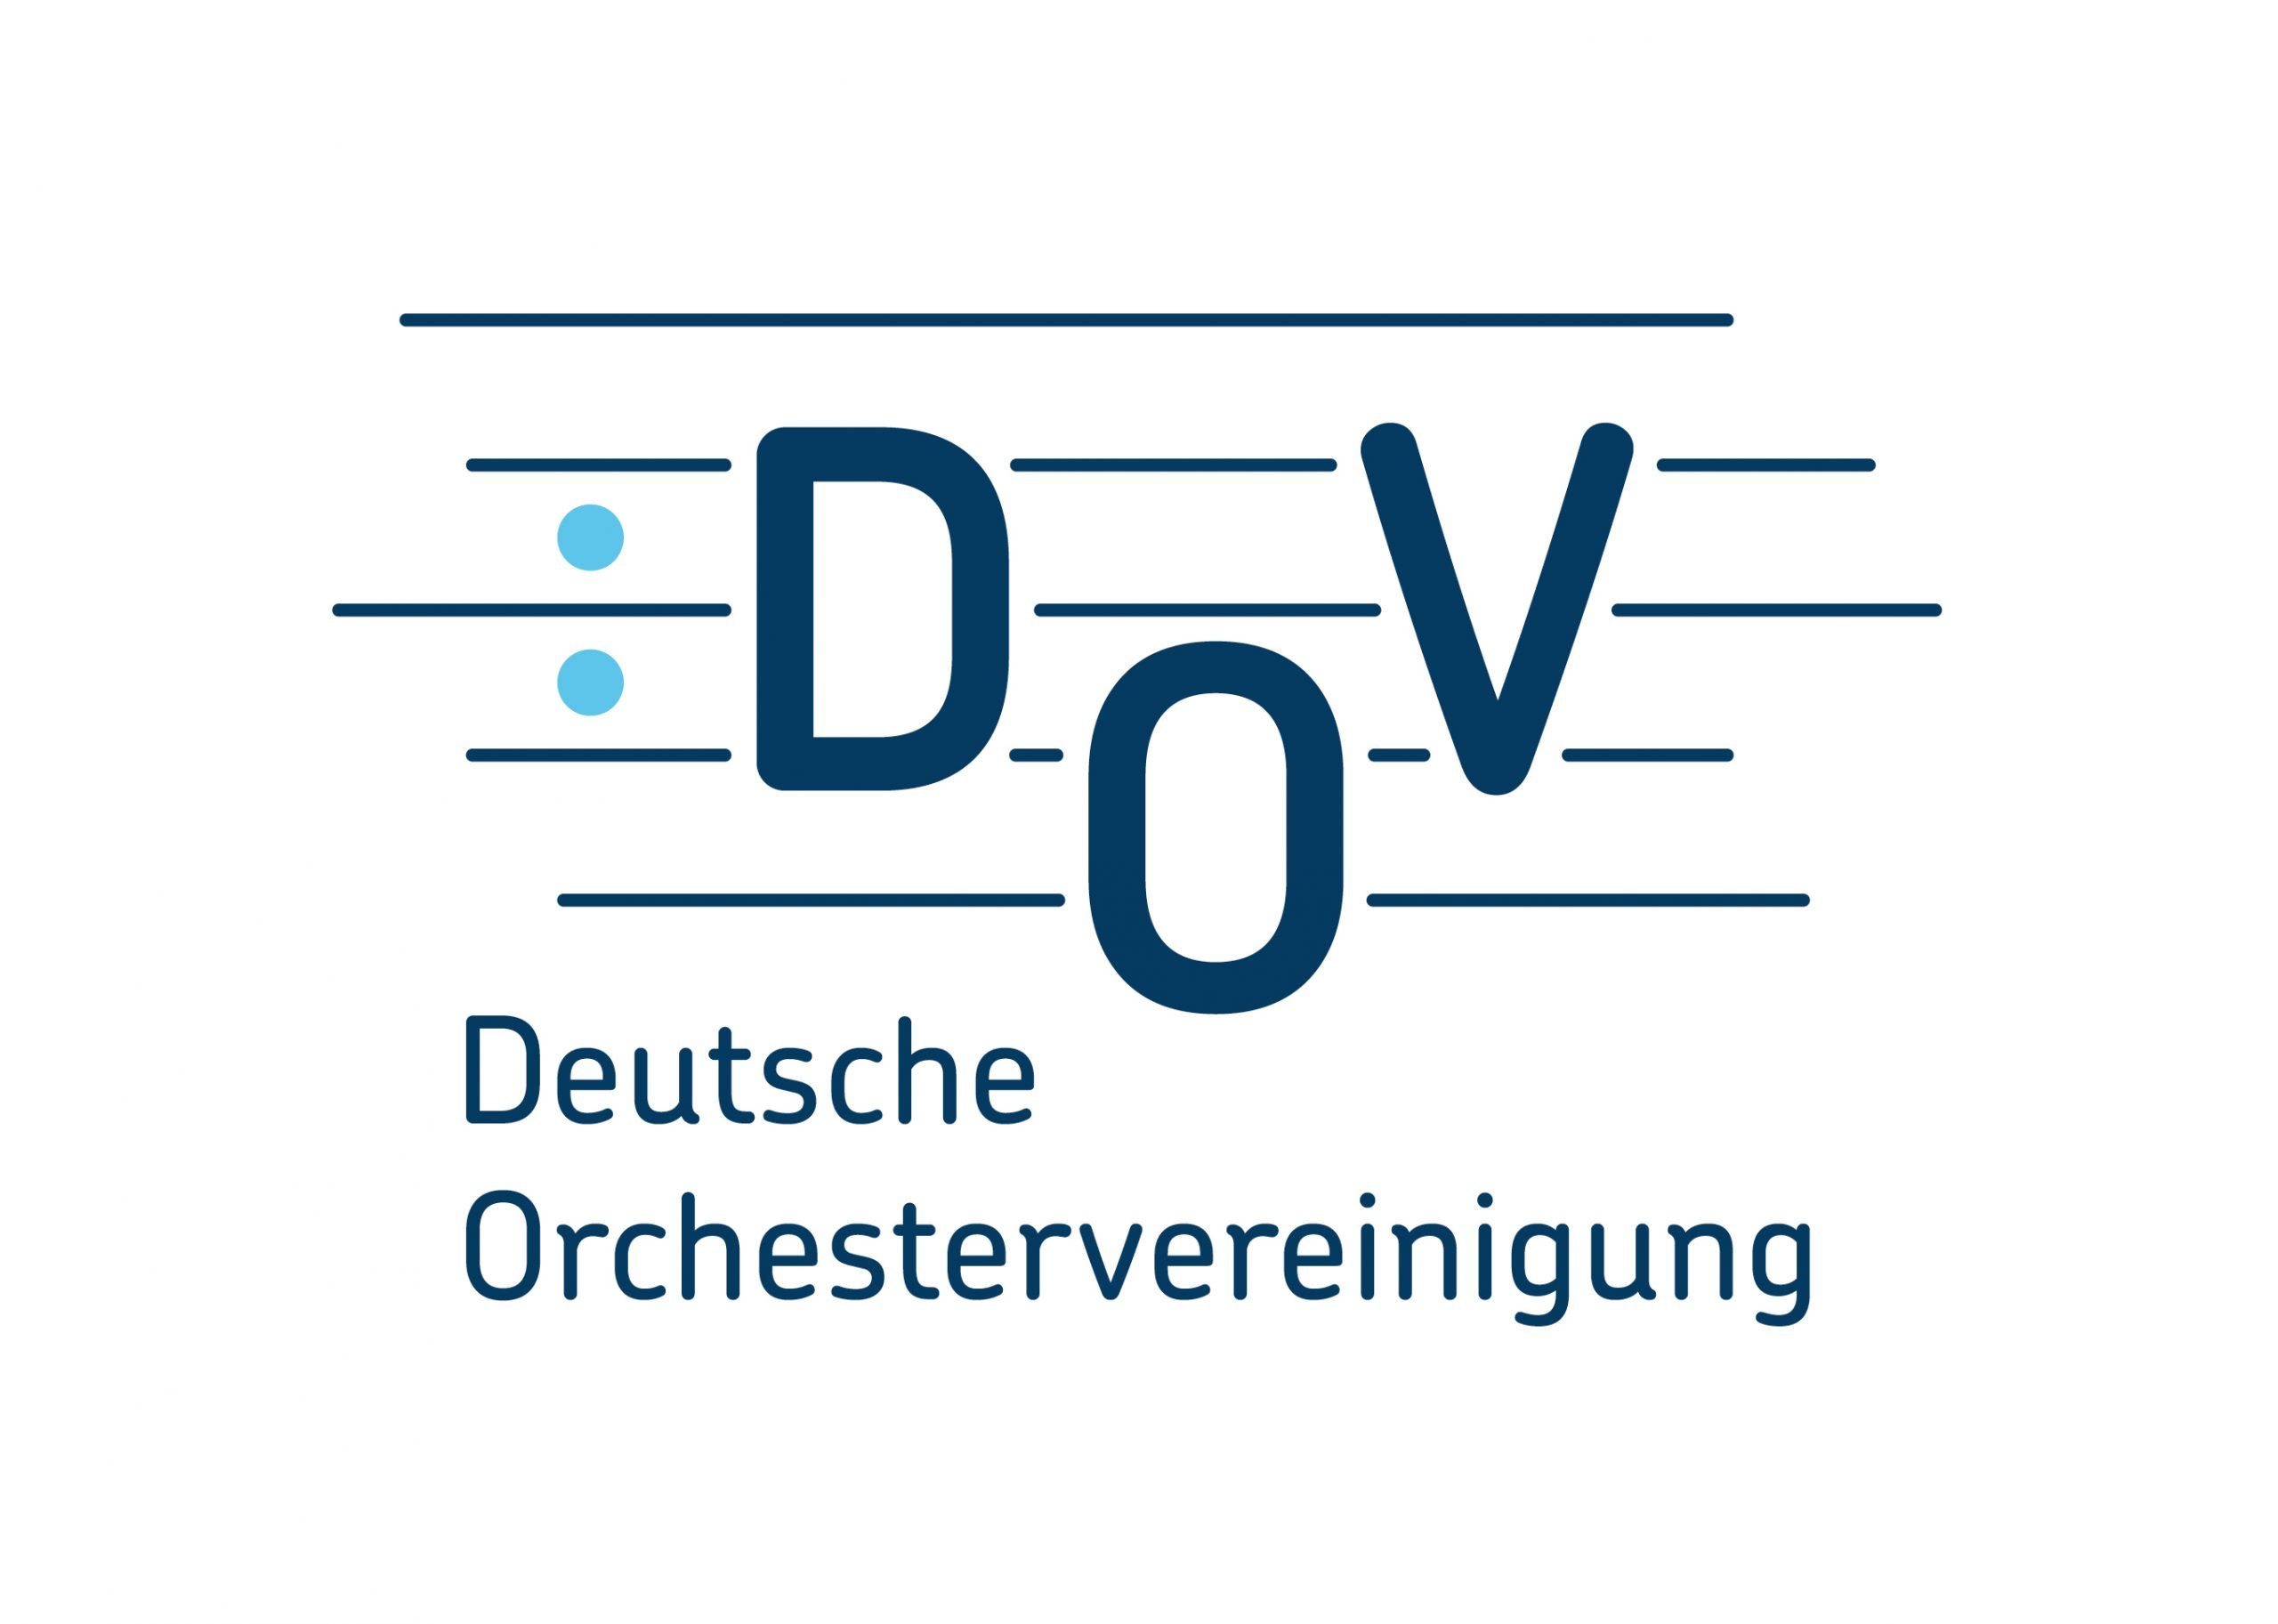 Corona-Edition: Deutsche Orchestervereinigung für Freischaffende